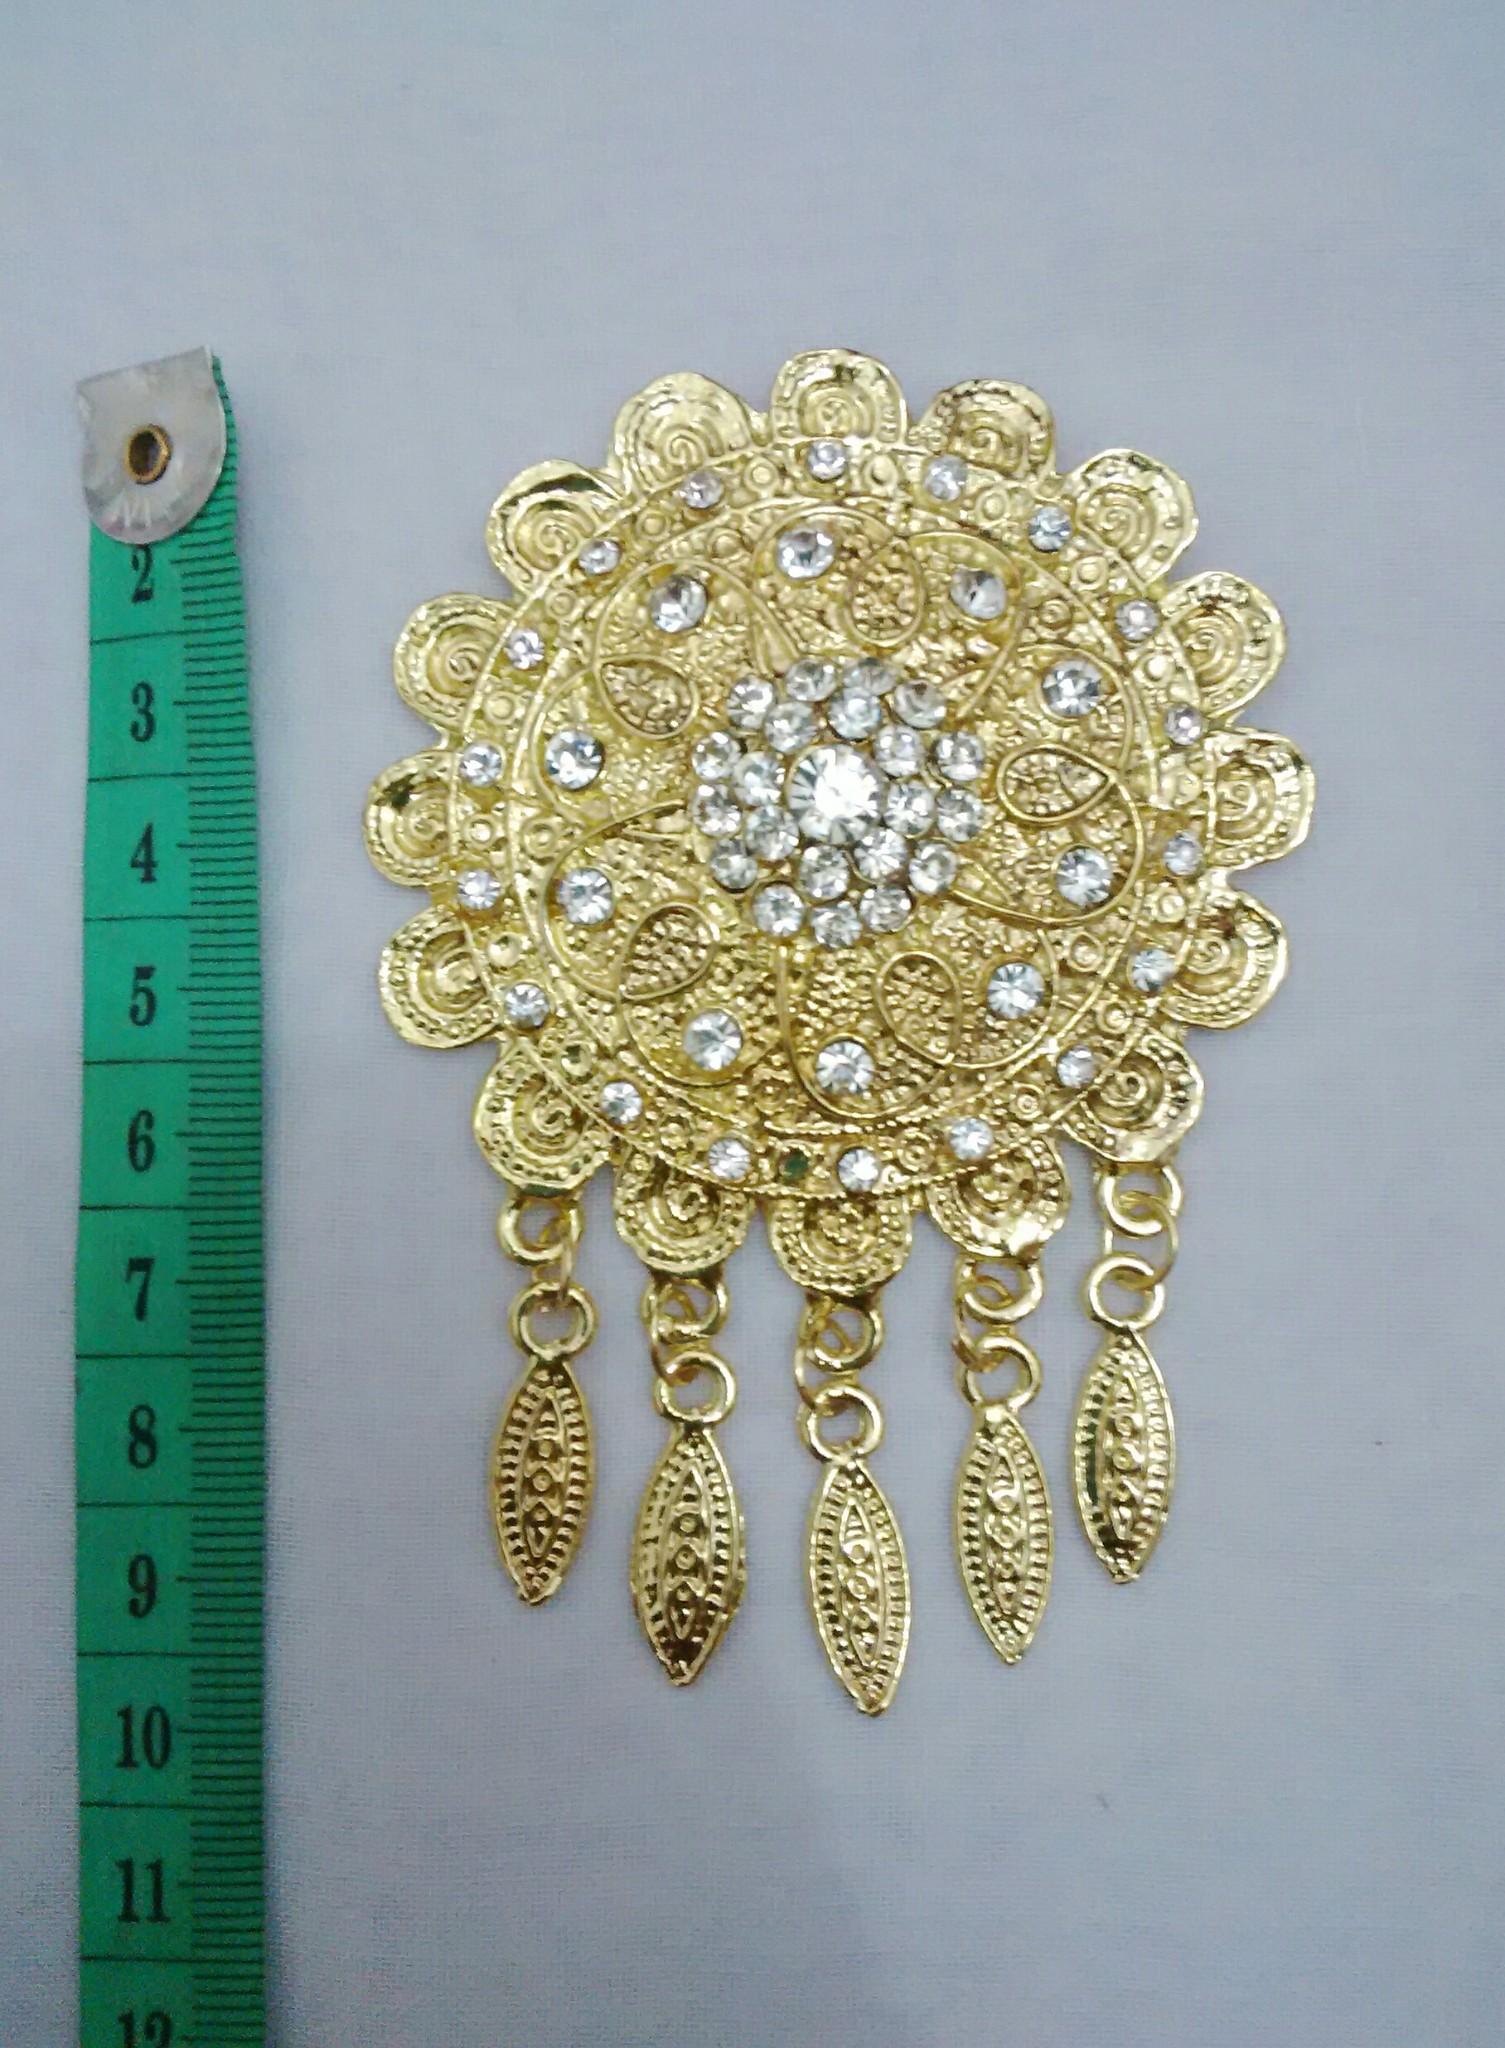 Bros kebaya/hijab metal juntai 1 tingkat gold swarovski/permata putih